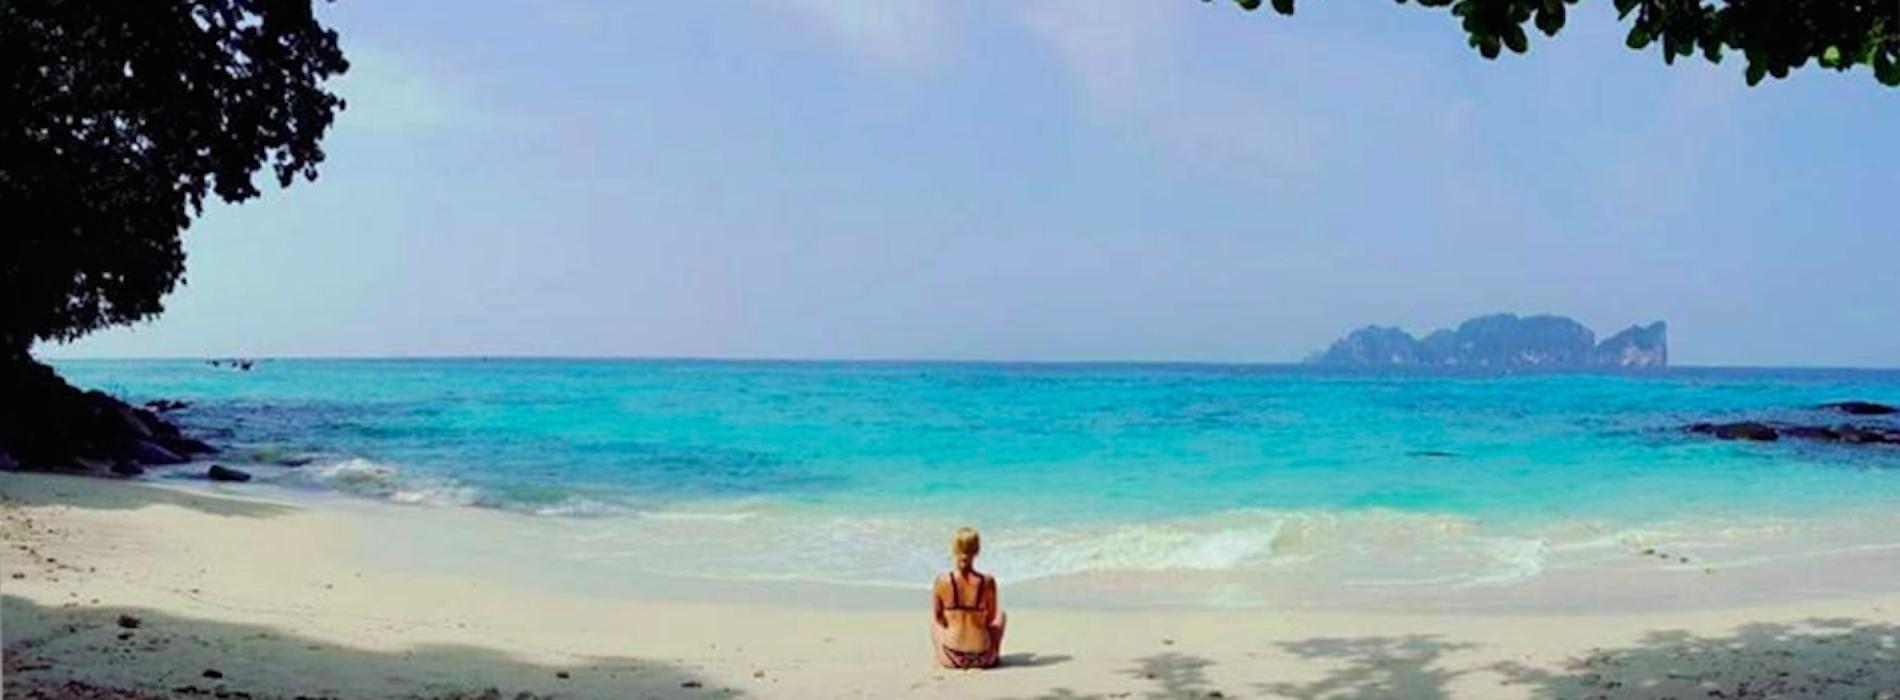 34 moments que chaque voyageur expérimente en Asie